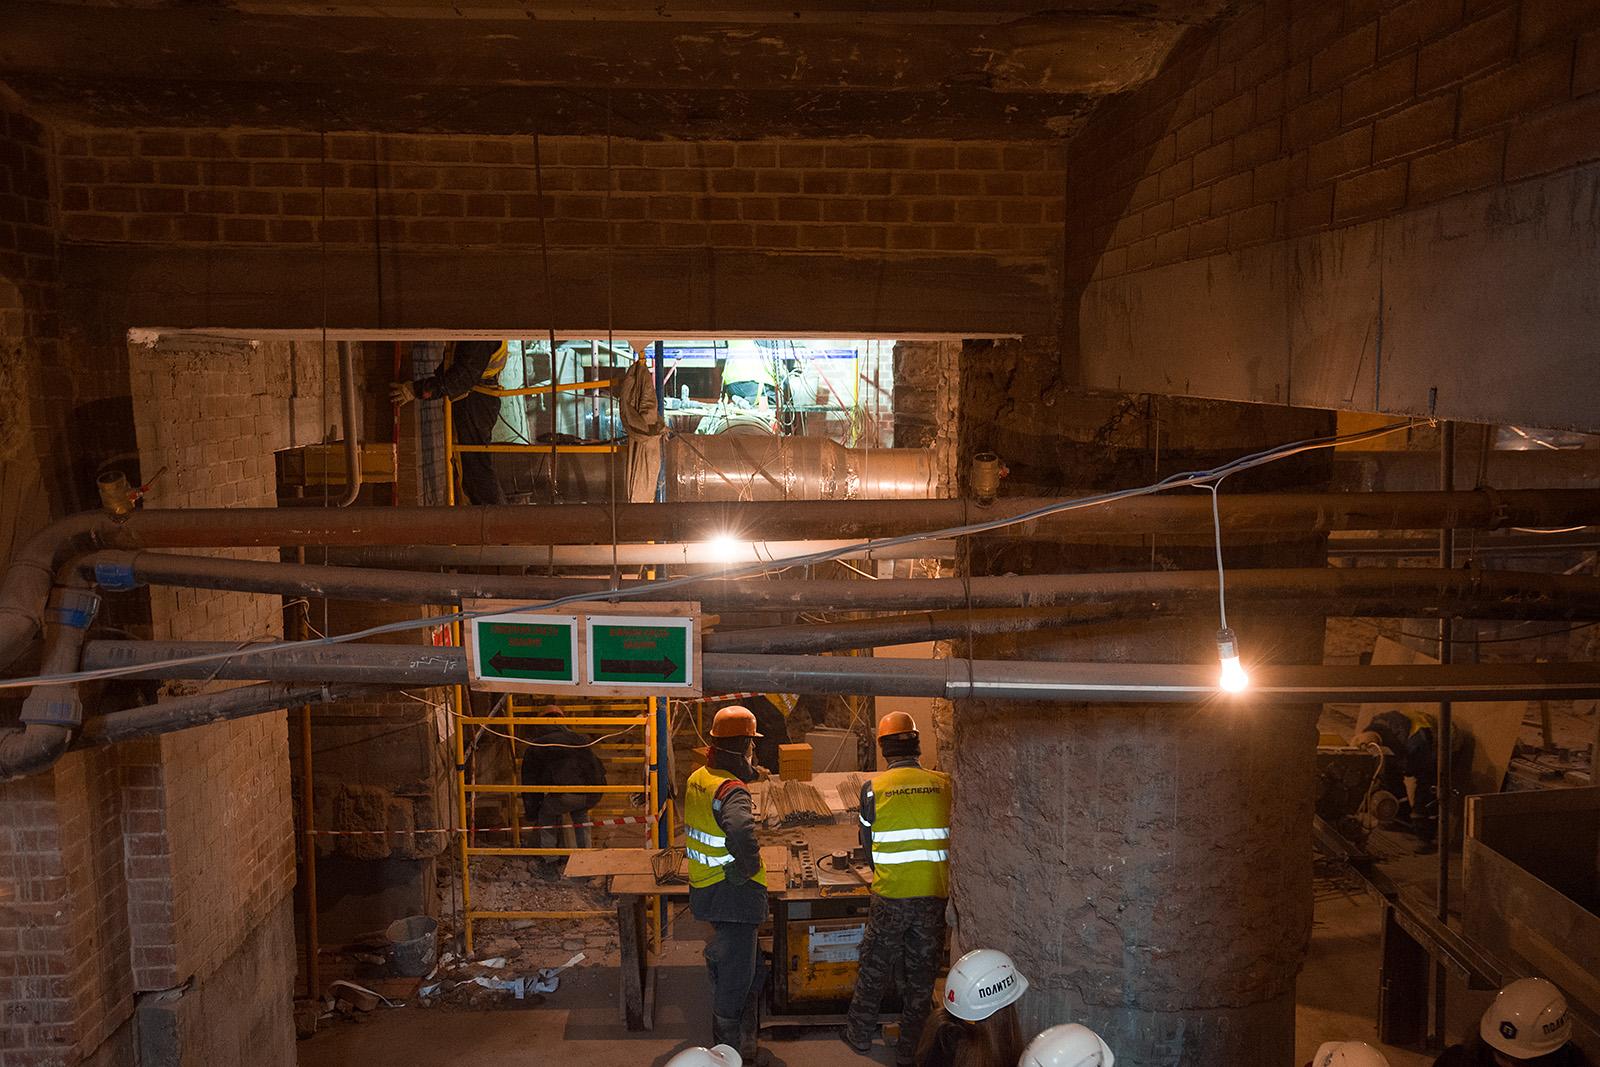 Как идёт реконструкция Политехнического музея? Часть 1 - 20